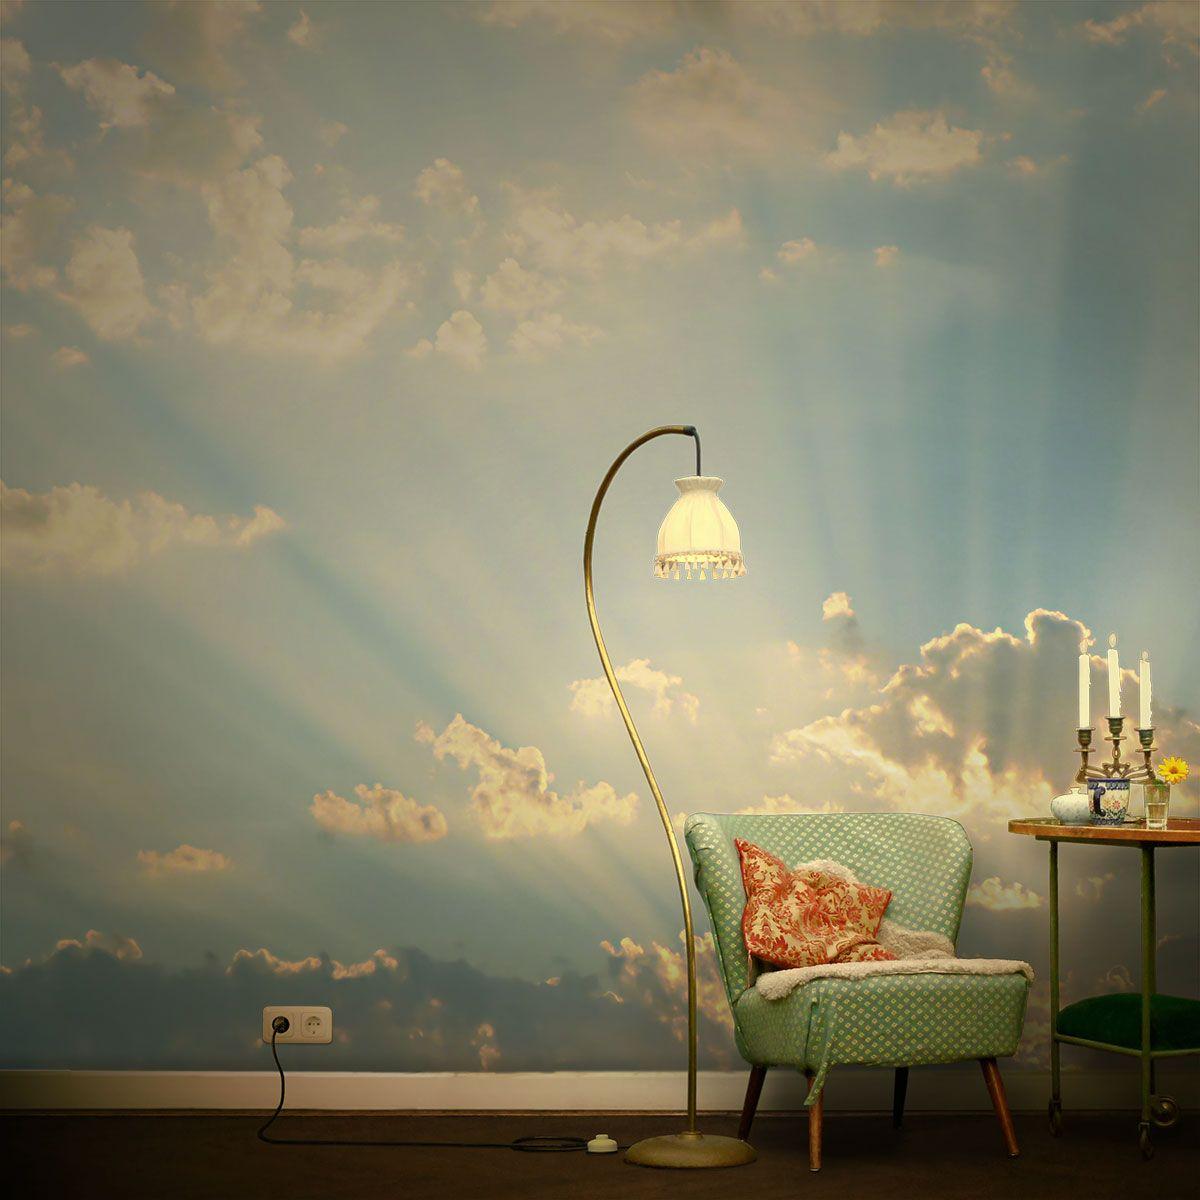 Wolkentapete im Salon. ... ... Die schönsten Wolkenphotos als Tapete ...